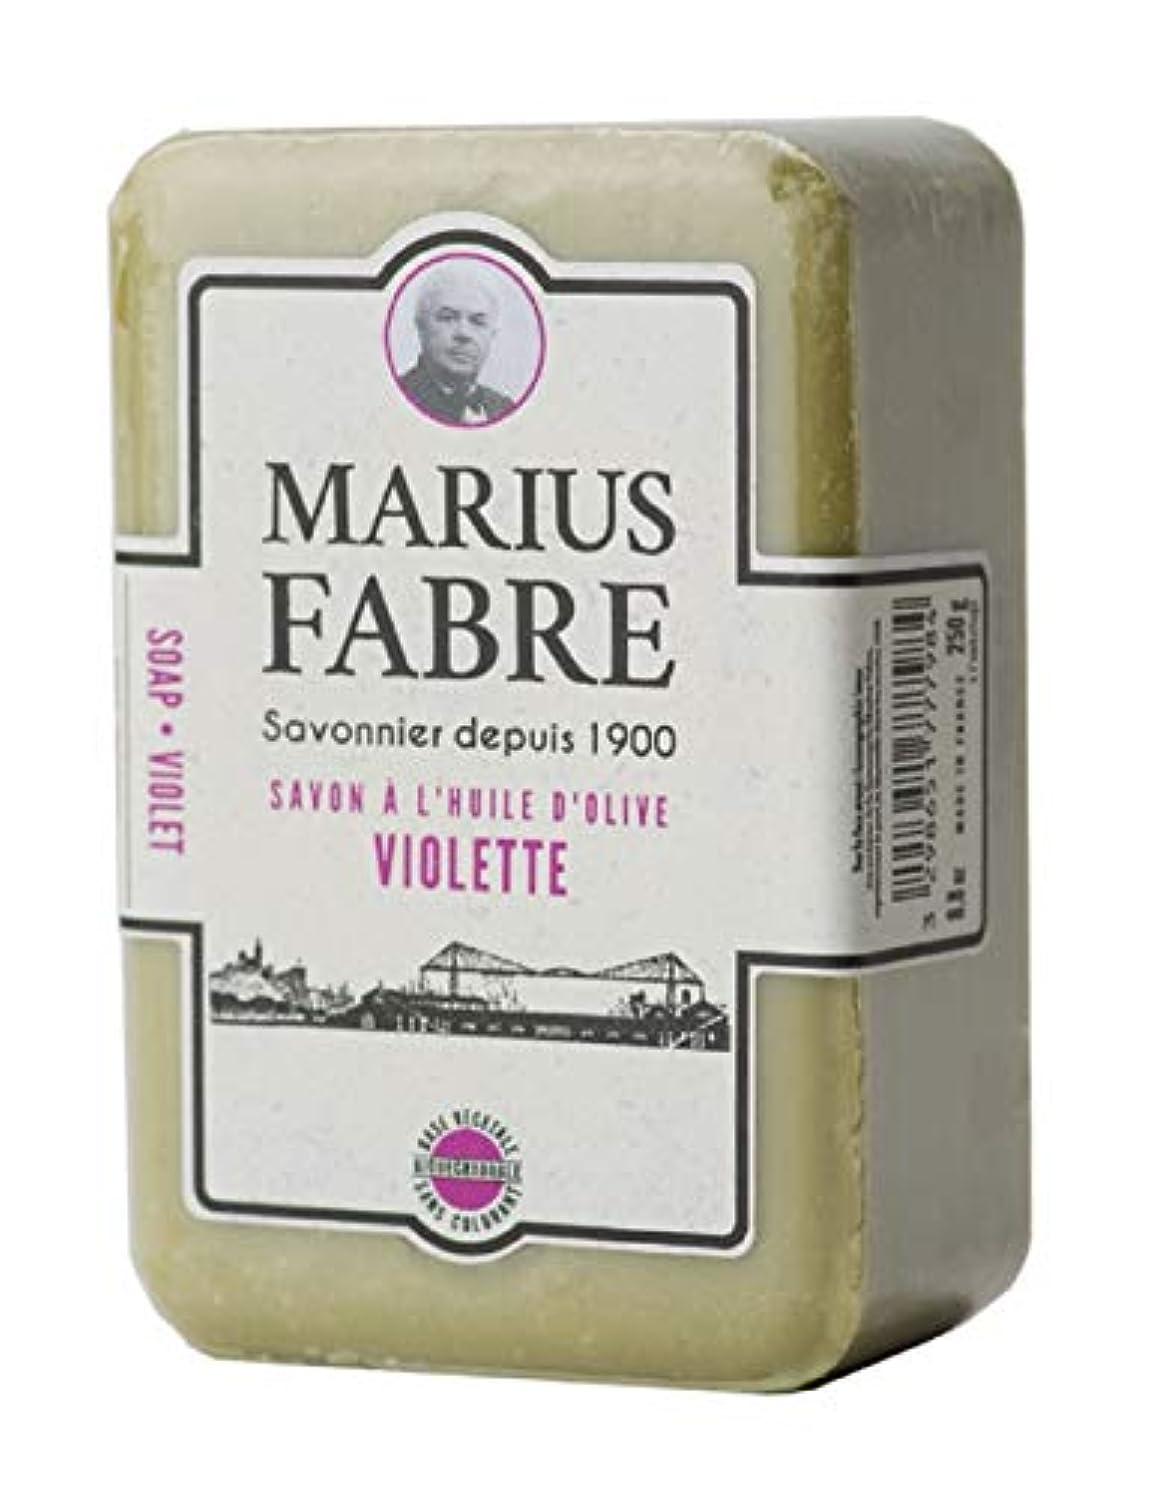 収穫所持和らげるサボンドマルセイユ 1900 バイオレット 250g